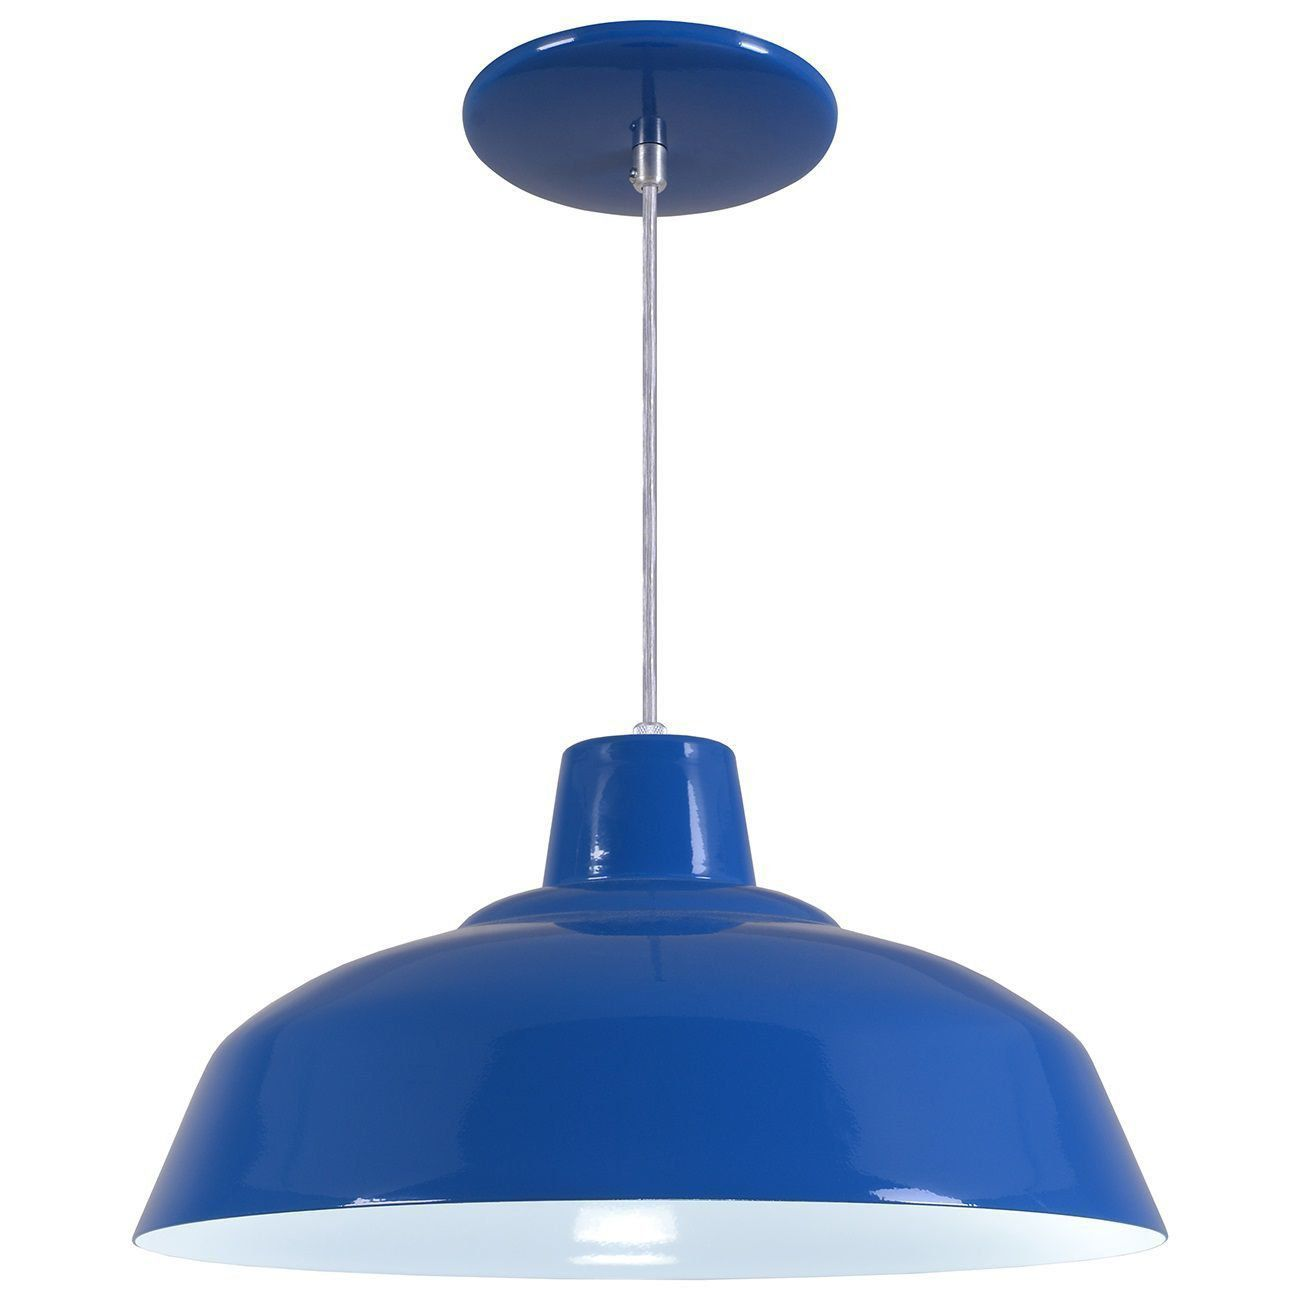 Pendente Retrô 34cm Luminária Lustre Alumínio Azul Royal - Rei Da Iluminação